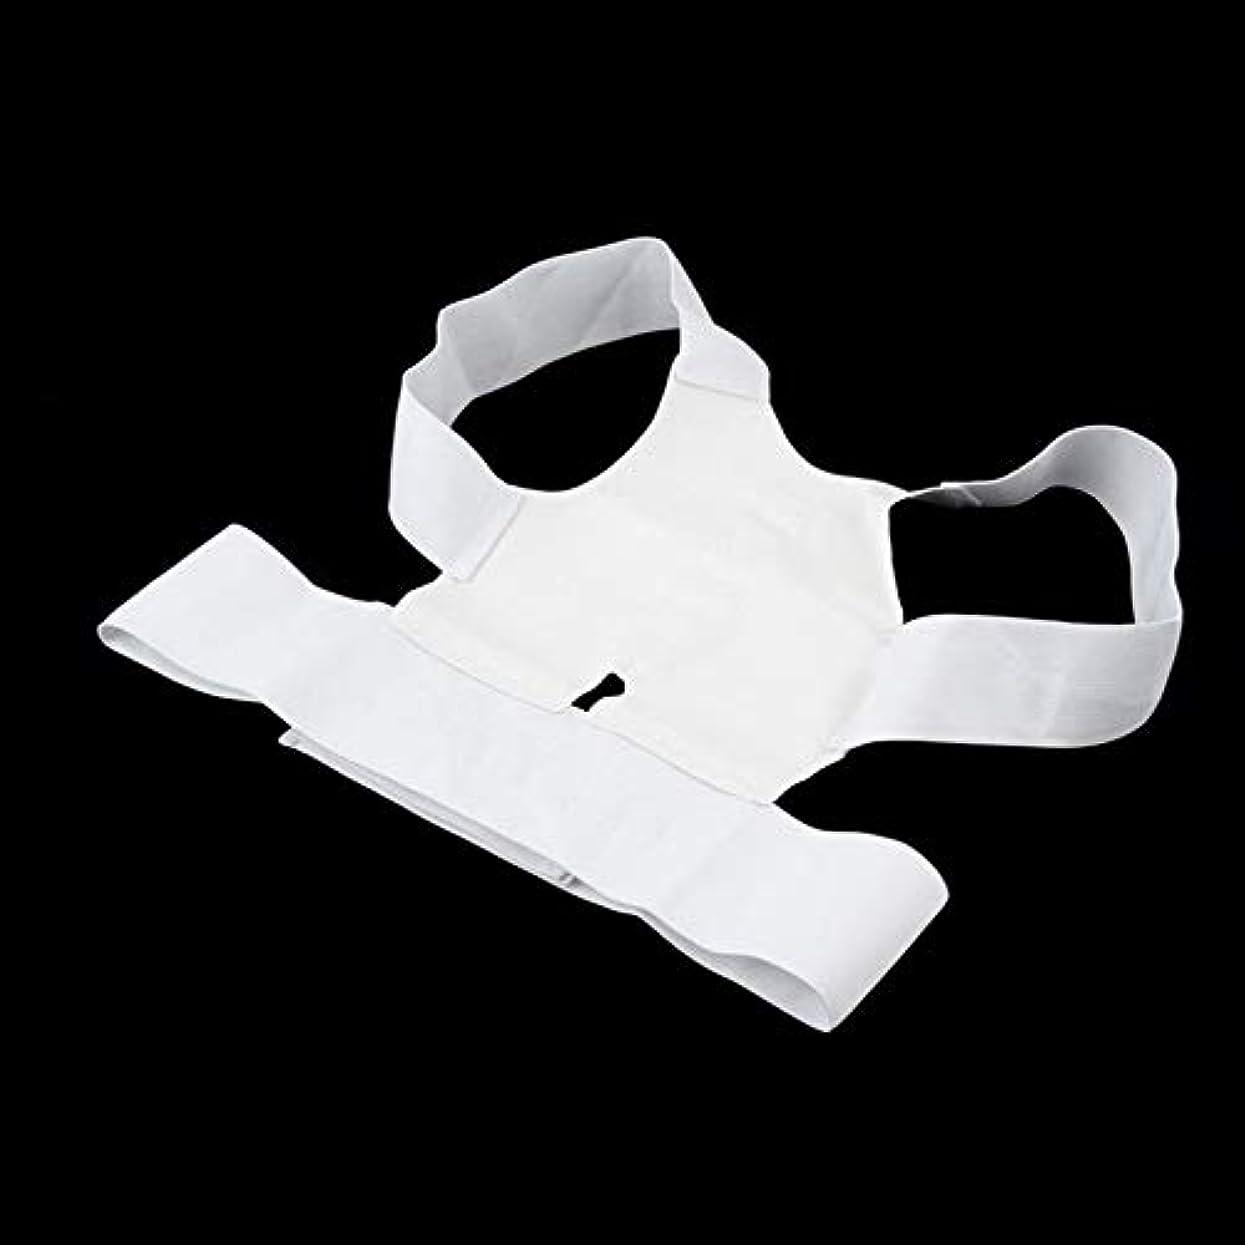 死にかけている最初に通り抜ける病気から白い快適な磁気姿勢サポートコレクター腰痛ベルトブレース肩リリース痛み(Color:white)